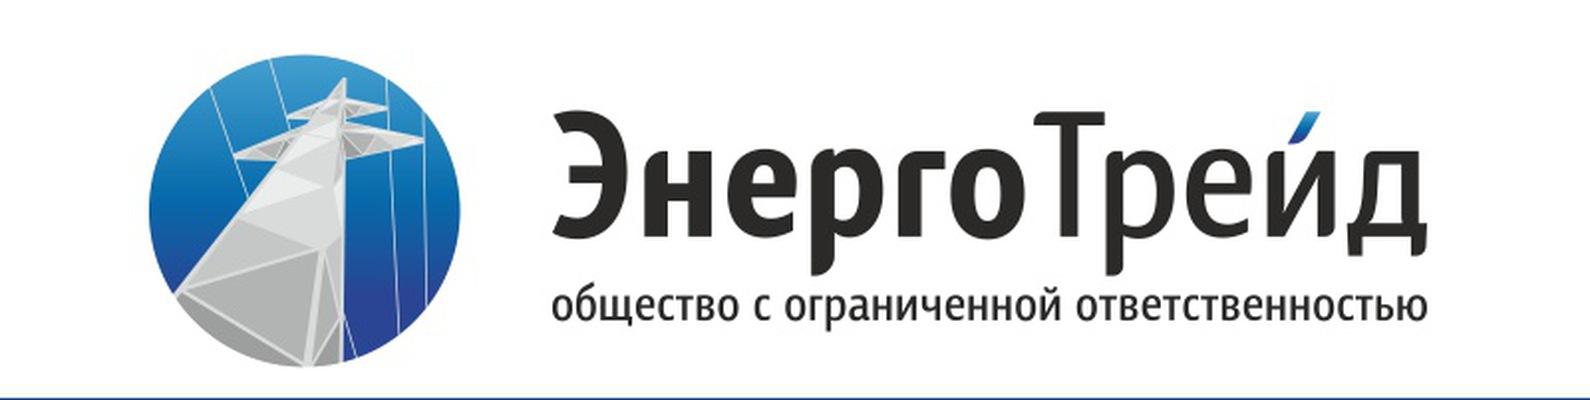 Подписано дилерское соглашение между компаниями ООО «Энергокомплект» и ООО «ЭнергоТрейд»